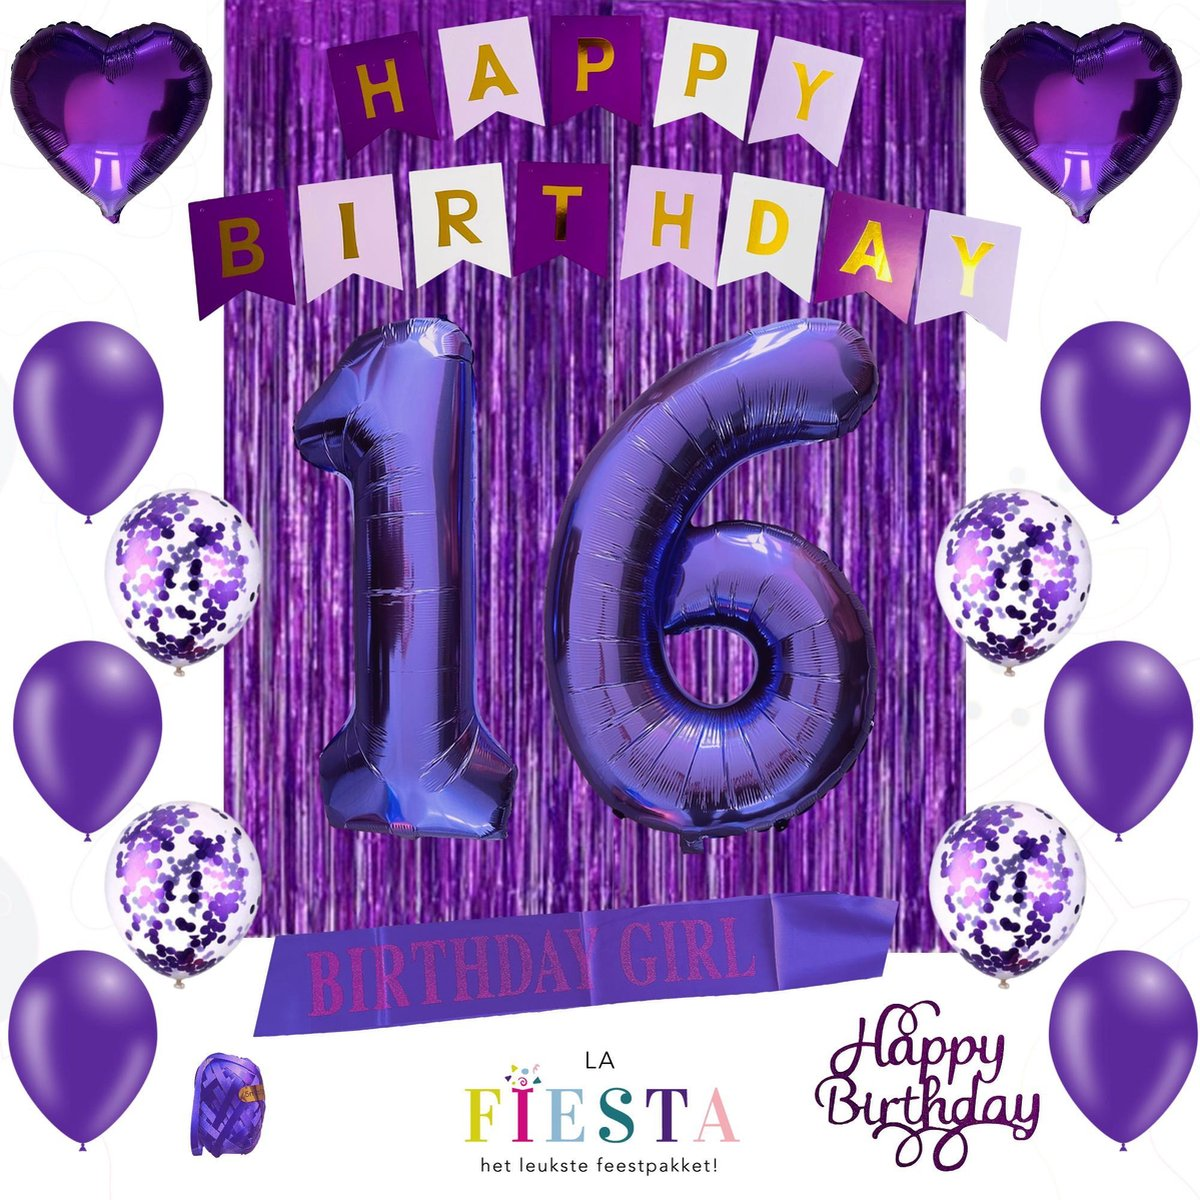 Sweet 16 - 16 Jaar - Paars/Violet - Verjaardag Versiering - Versiering Verjaardag - Feestartikelen - Verjaardag Decoraties